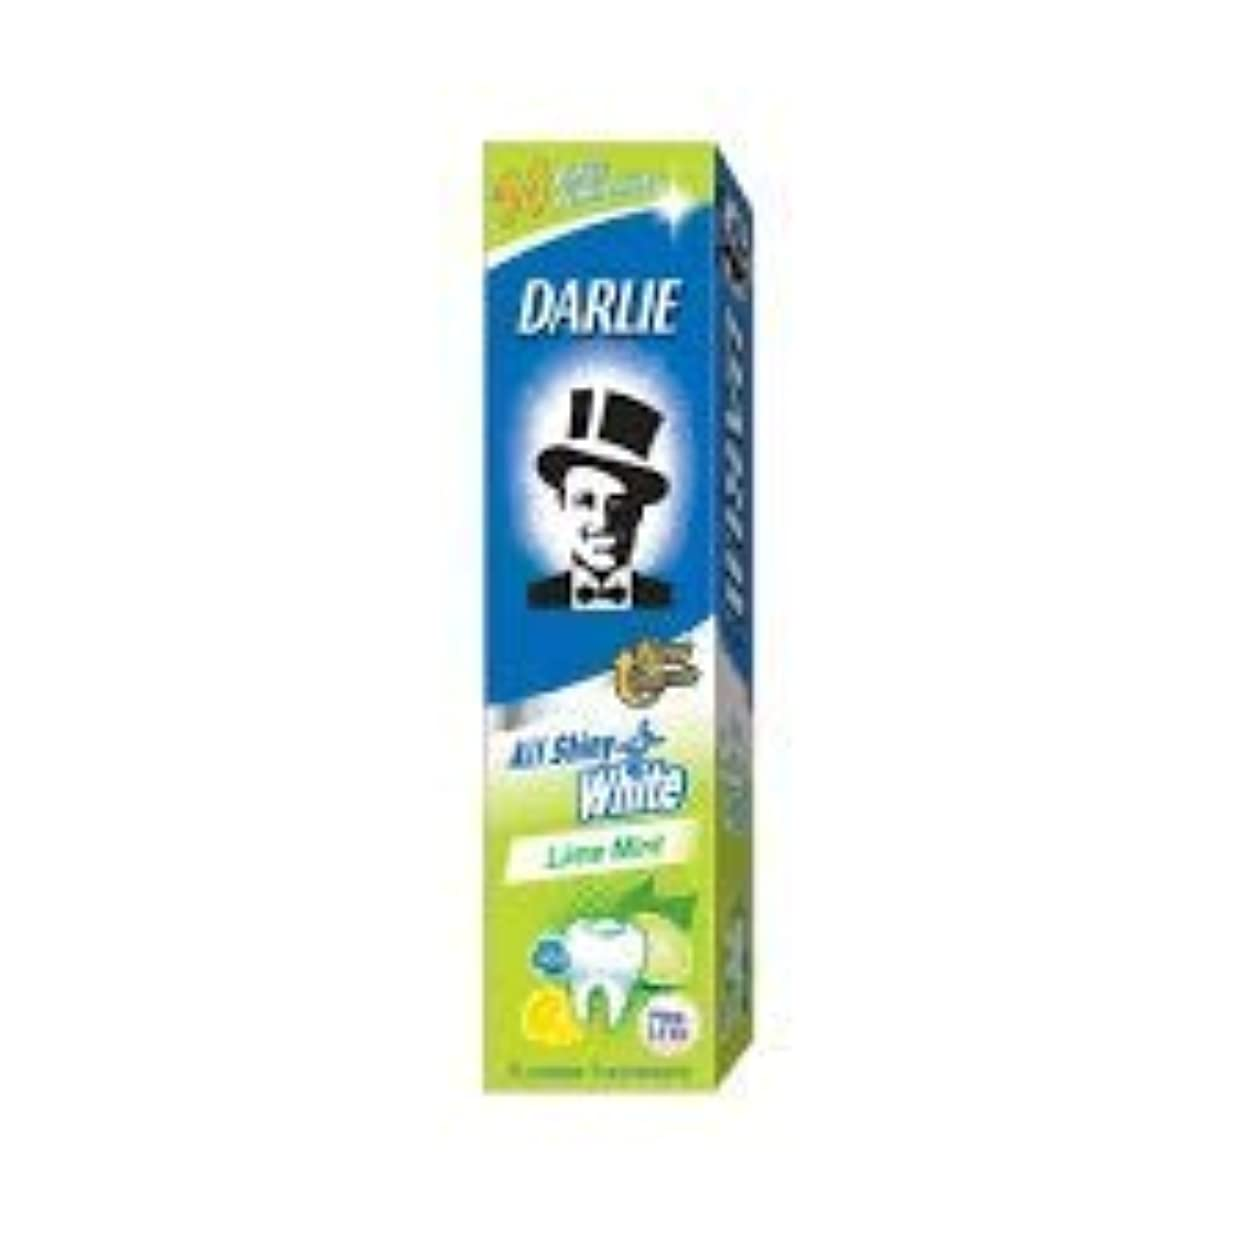 ガム思い出させるに対応DARLIE 歯磨き粉すべての光沢のあるホワイトライムミント140g - 虫歯と戦い、歯を保護するフッ化物を含みます